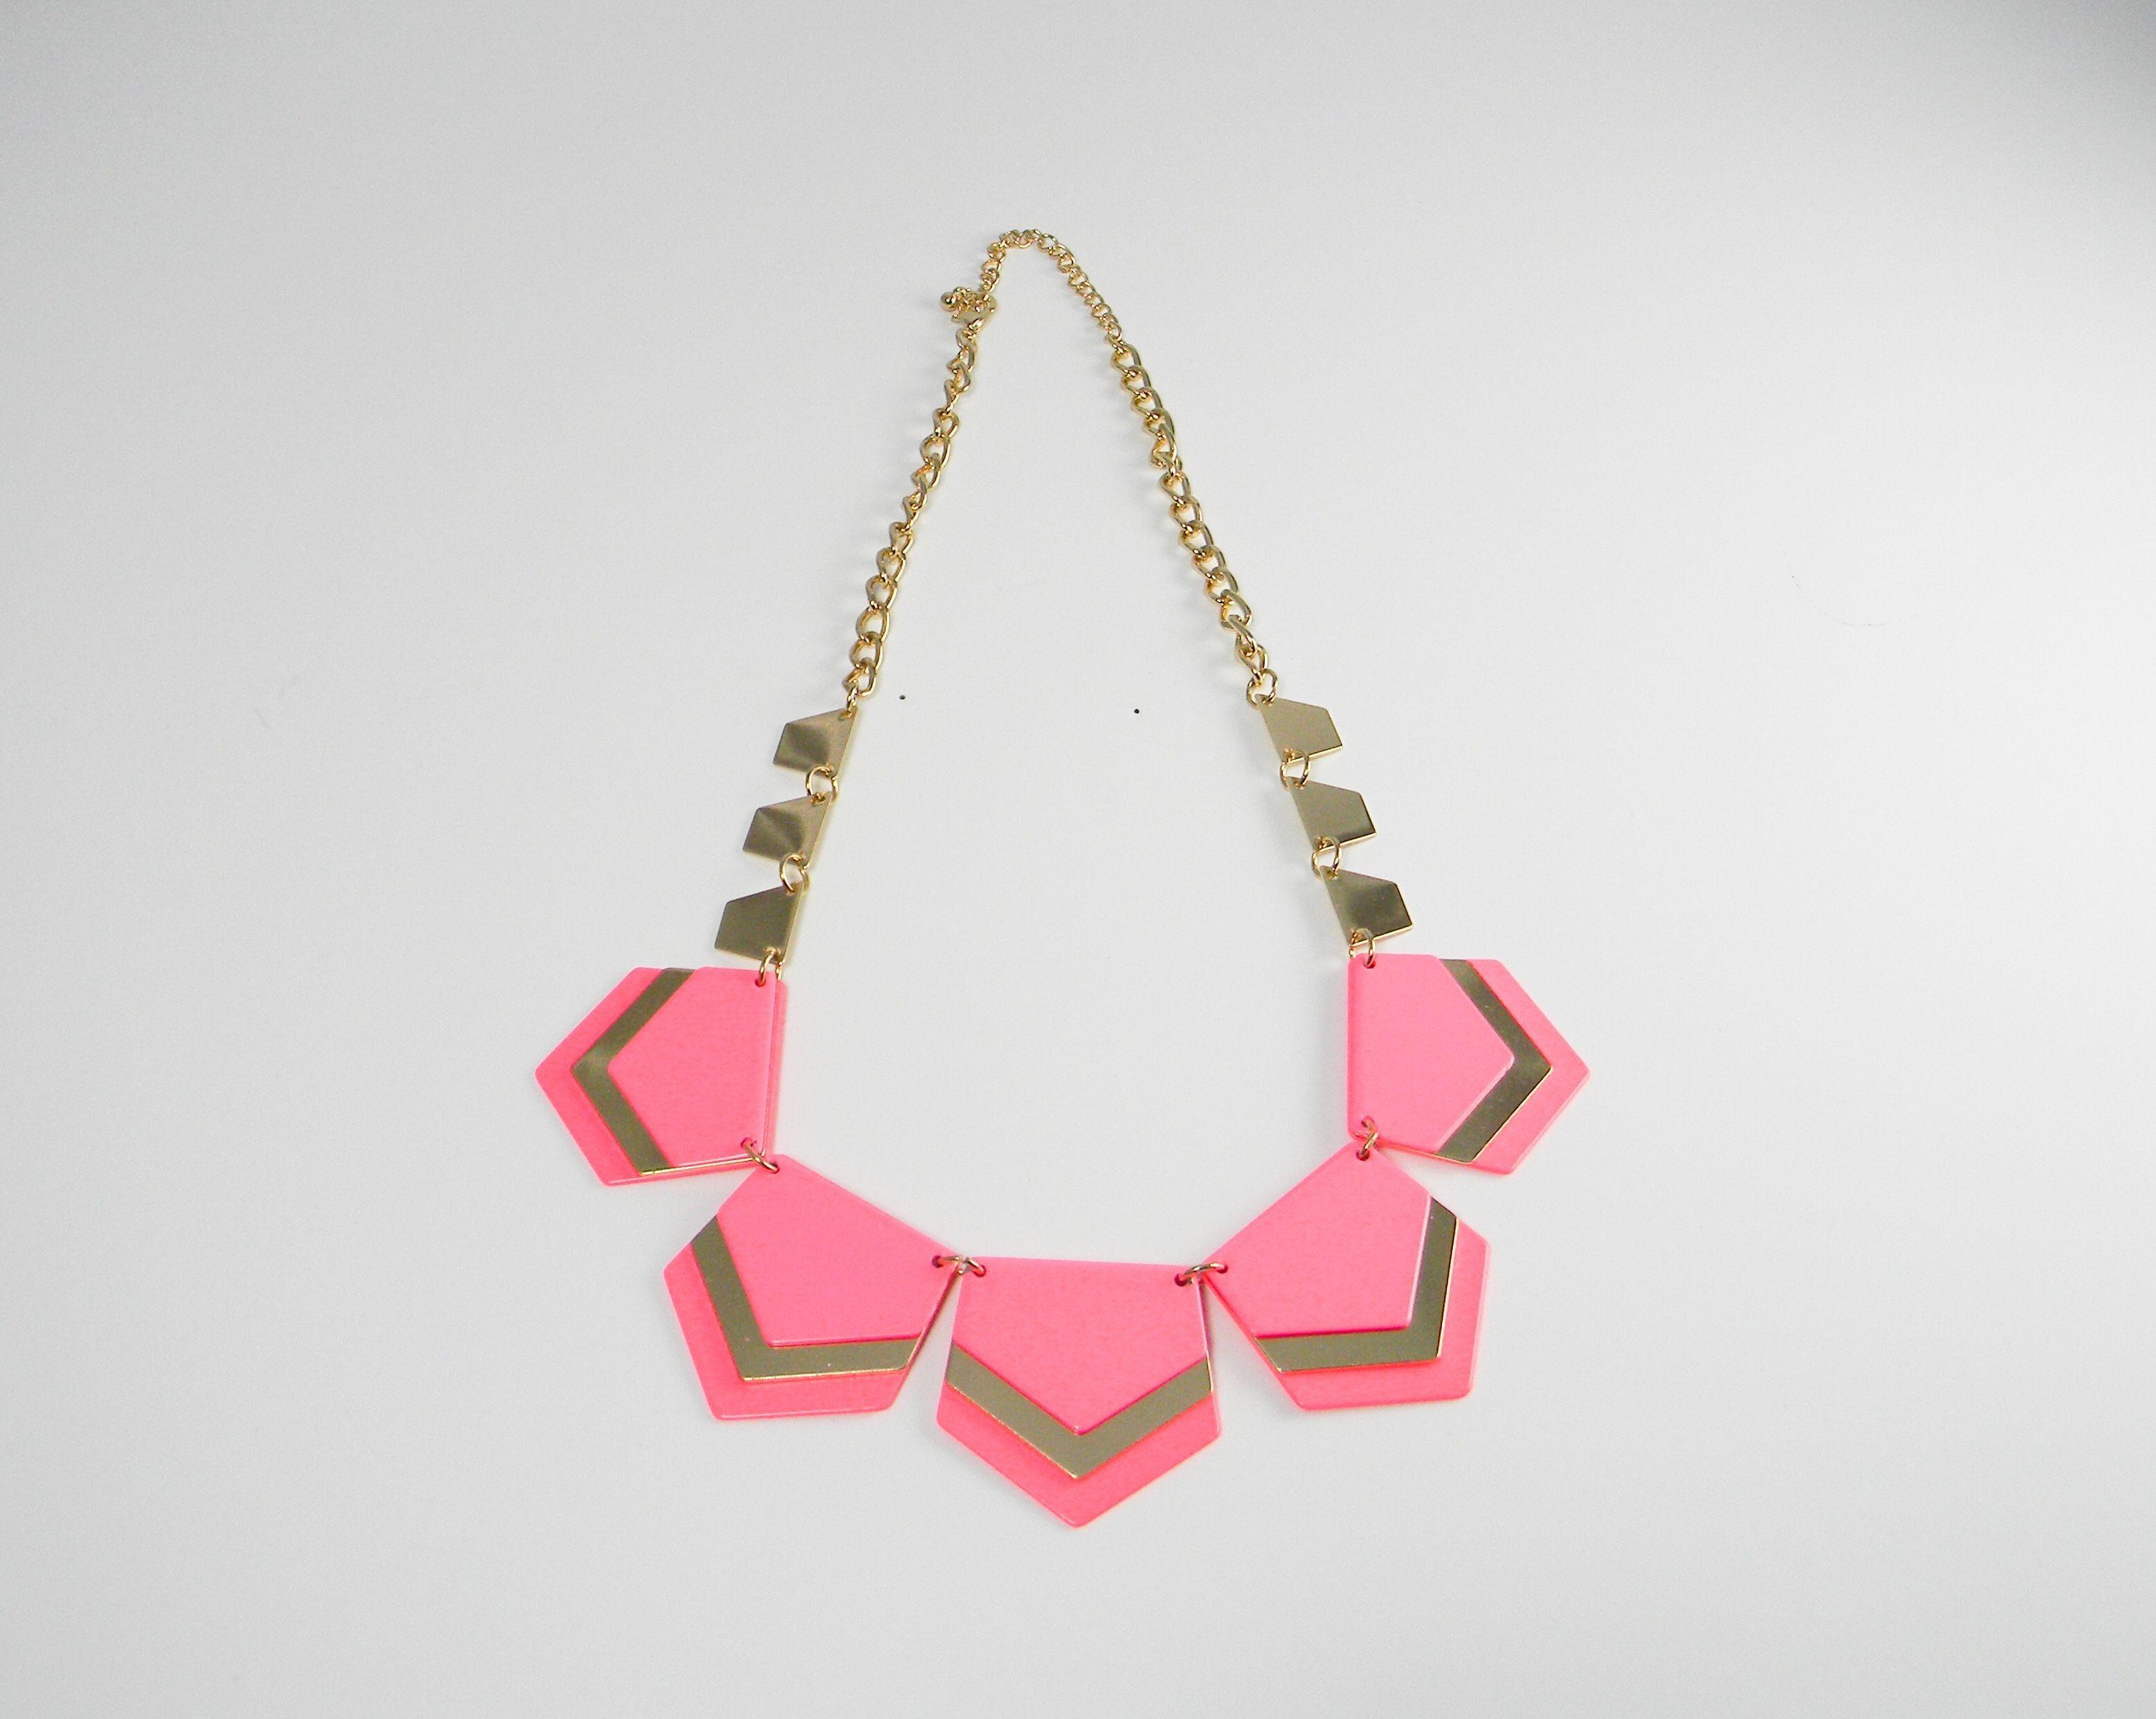 #necklace #jewelry #fashion #style #glamour #fashionwoman #moda #pink